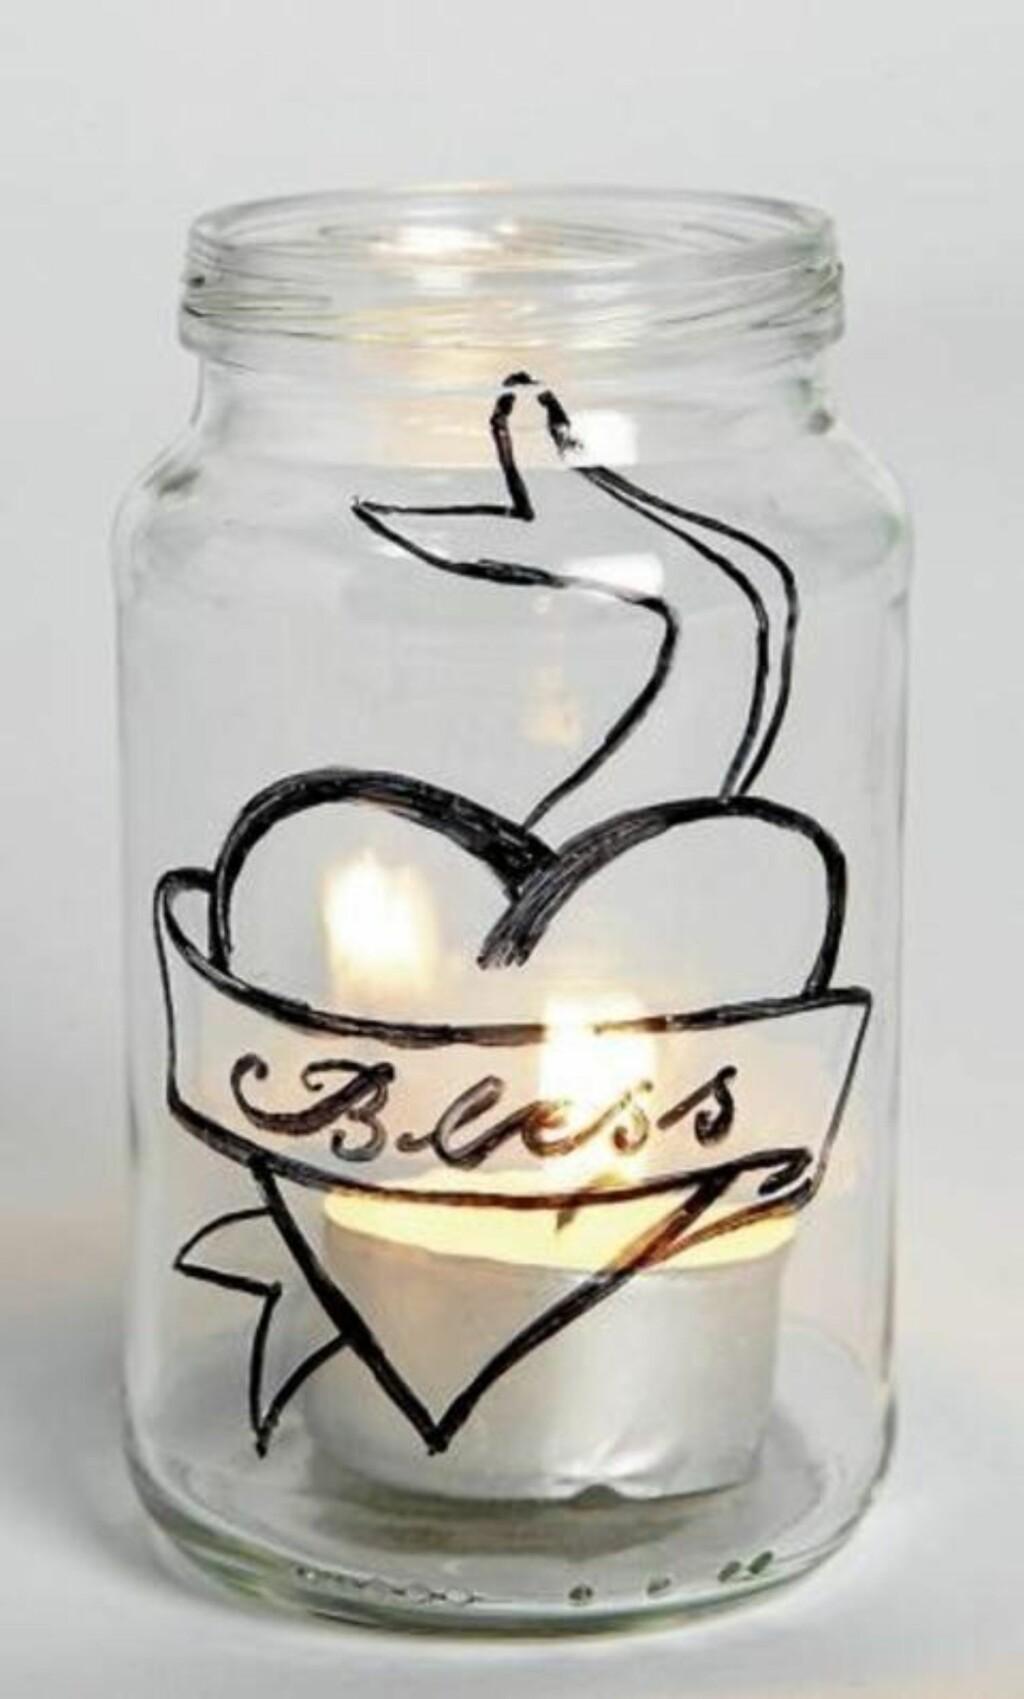 TATOVERTE GLASSKRUKKER: Bruk en tusjpenn og tegn tatoveringen på syltetøyglasset. FOTO: Margaret M. de Lange